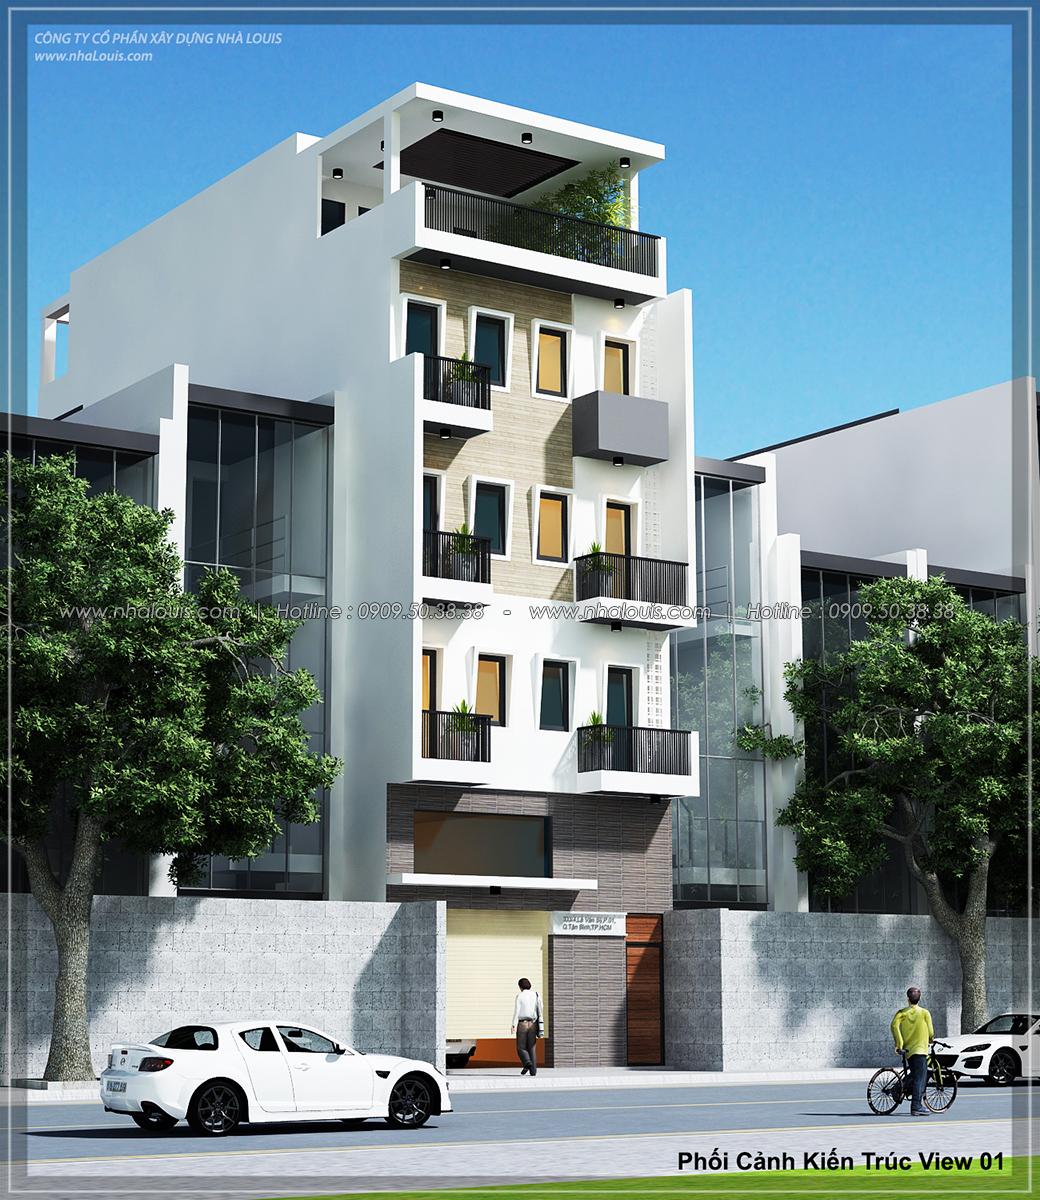 Thiết kế nhà trọ cho thuê ở Tân Bình giúp gia chủ tiết kiệm chi phí - 01